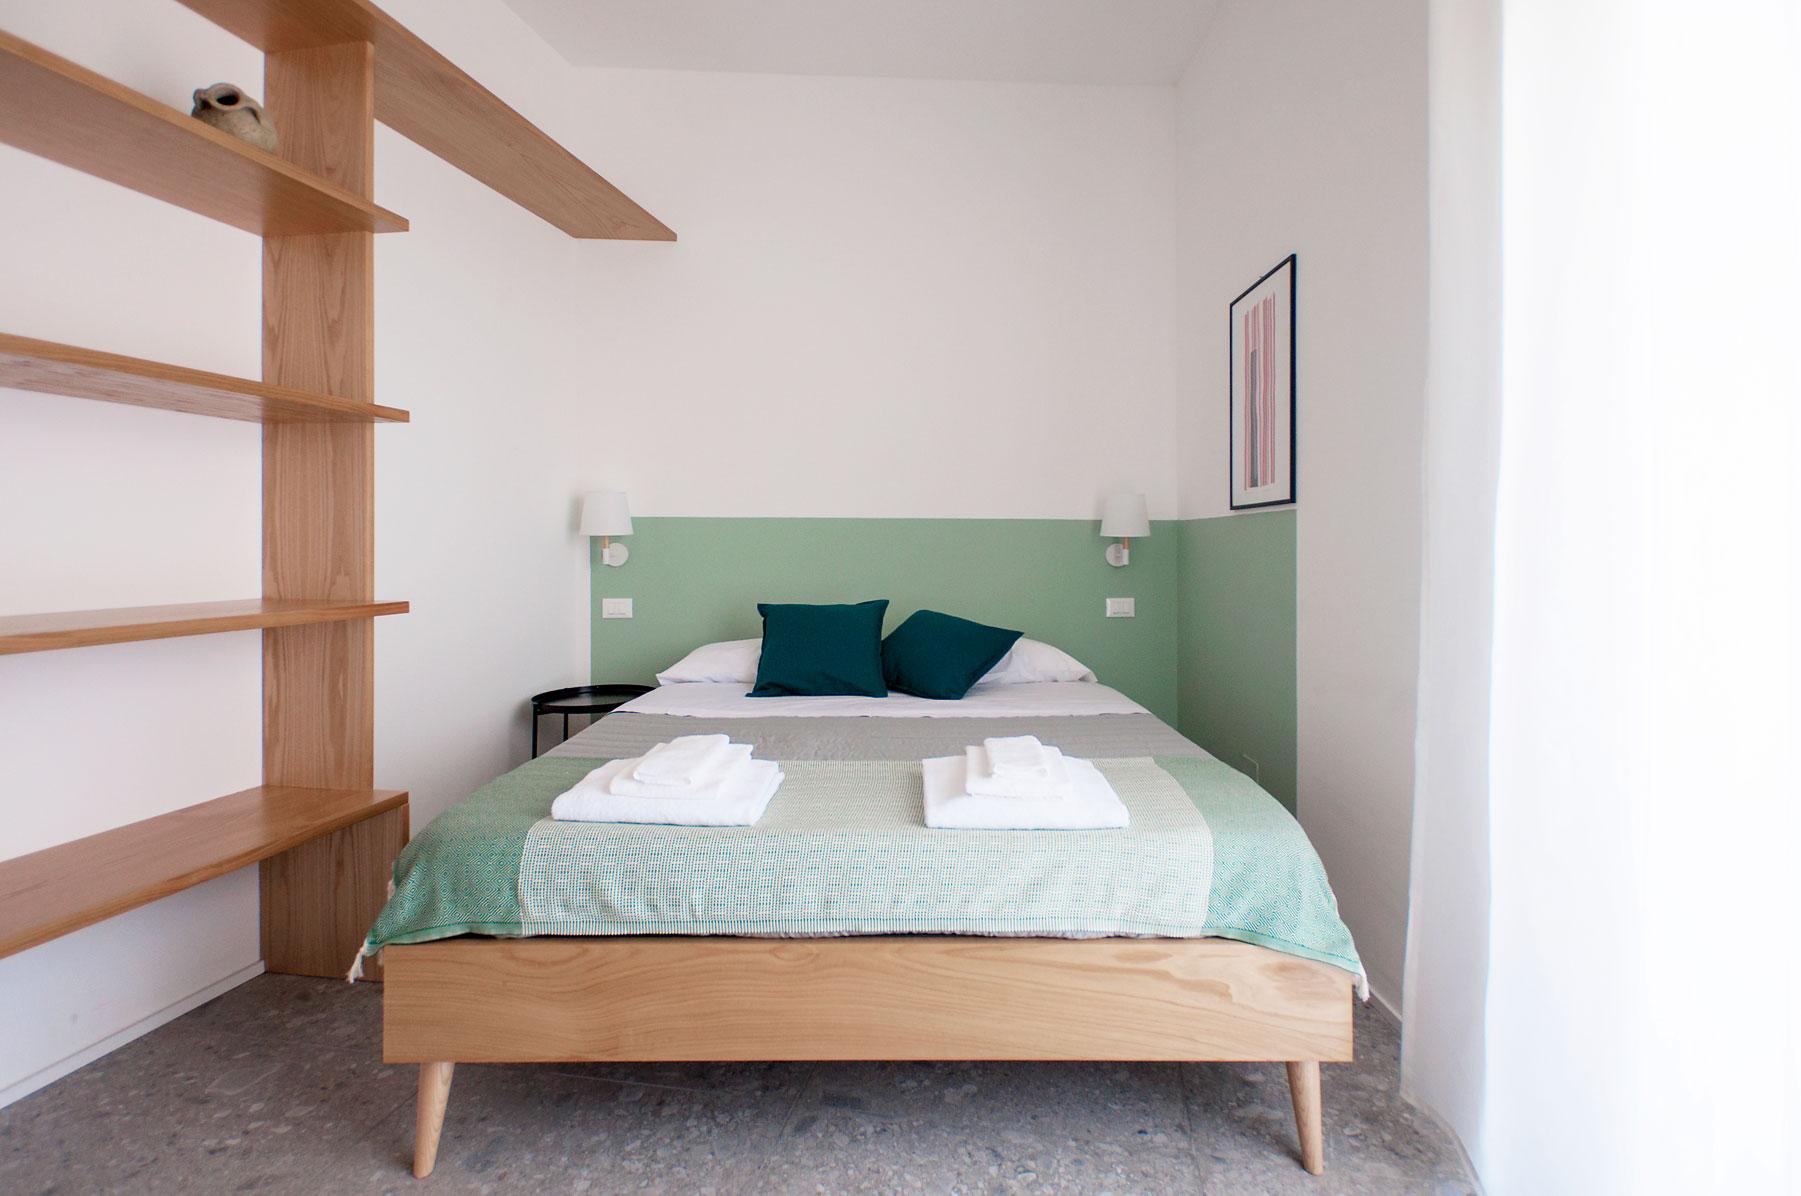 dettaglio-letto-monolocale-casa27-b&b-terracina